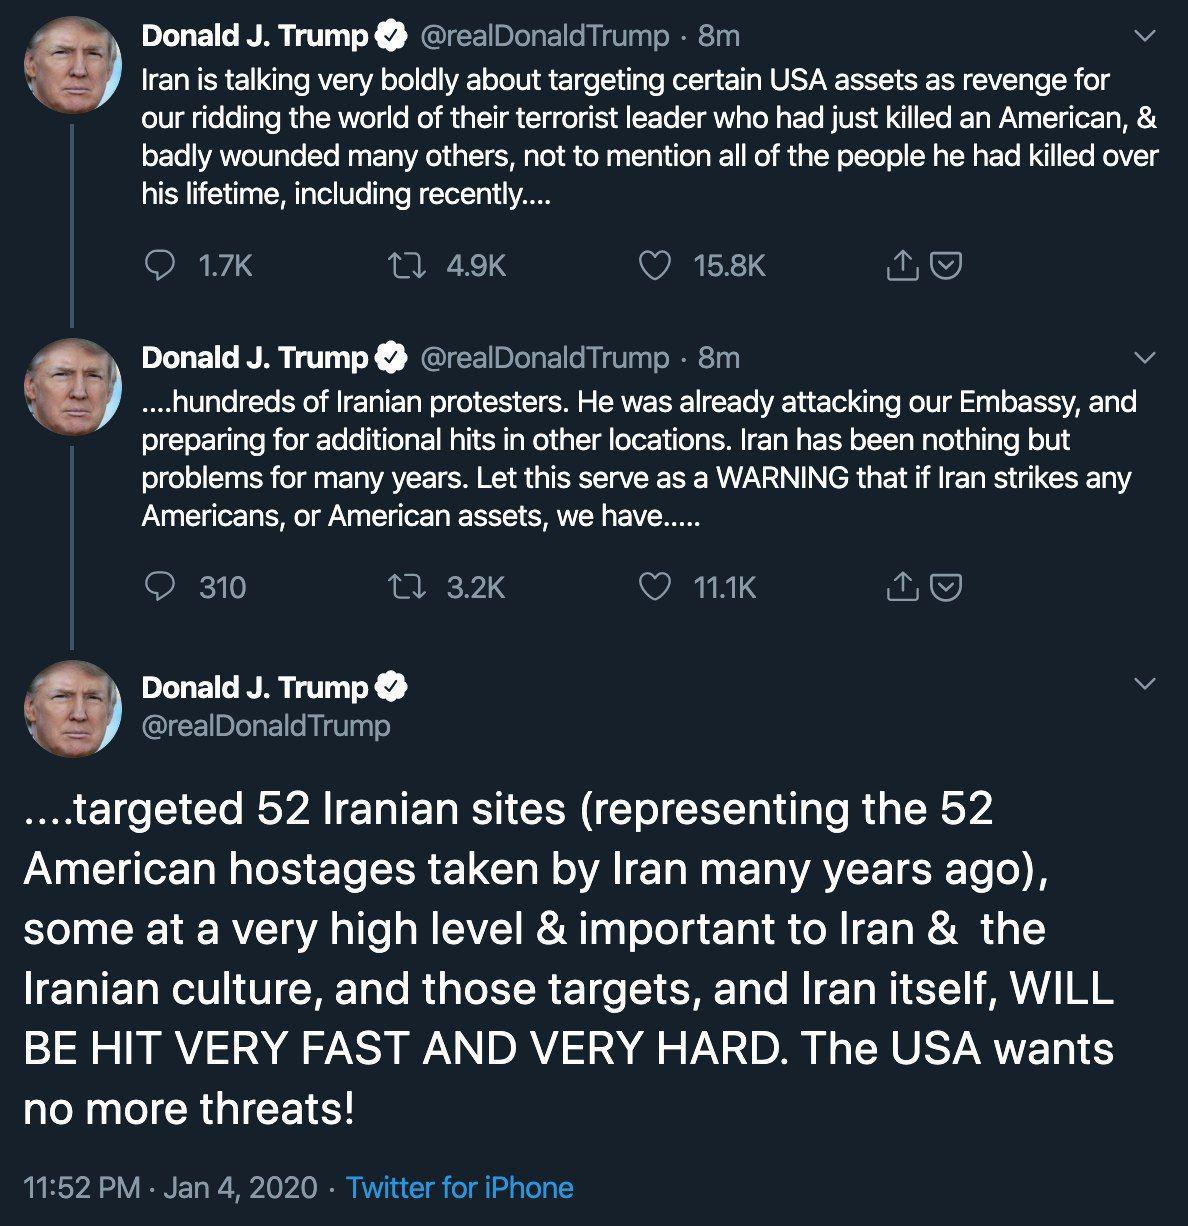 تهدیدات جدید ترامپ علیه ایران/ ۵۲ سایت ایرانی هدف قرار میگیرند